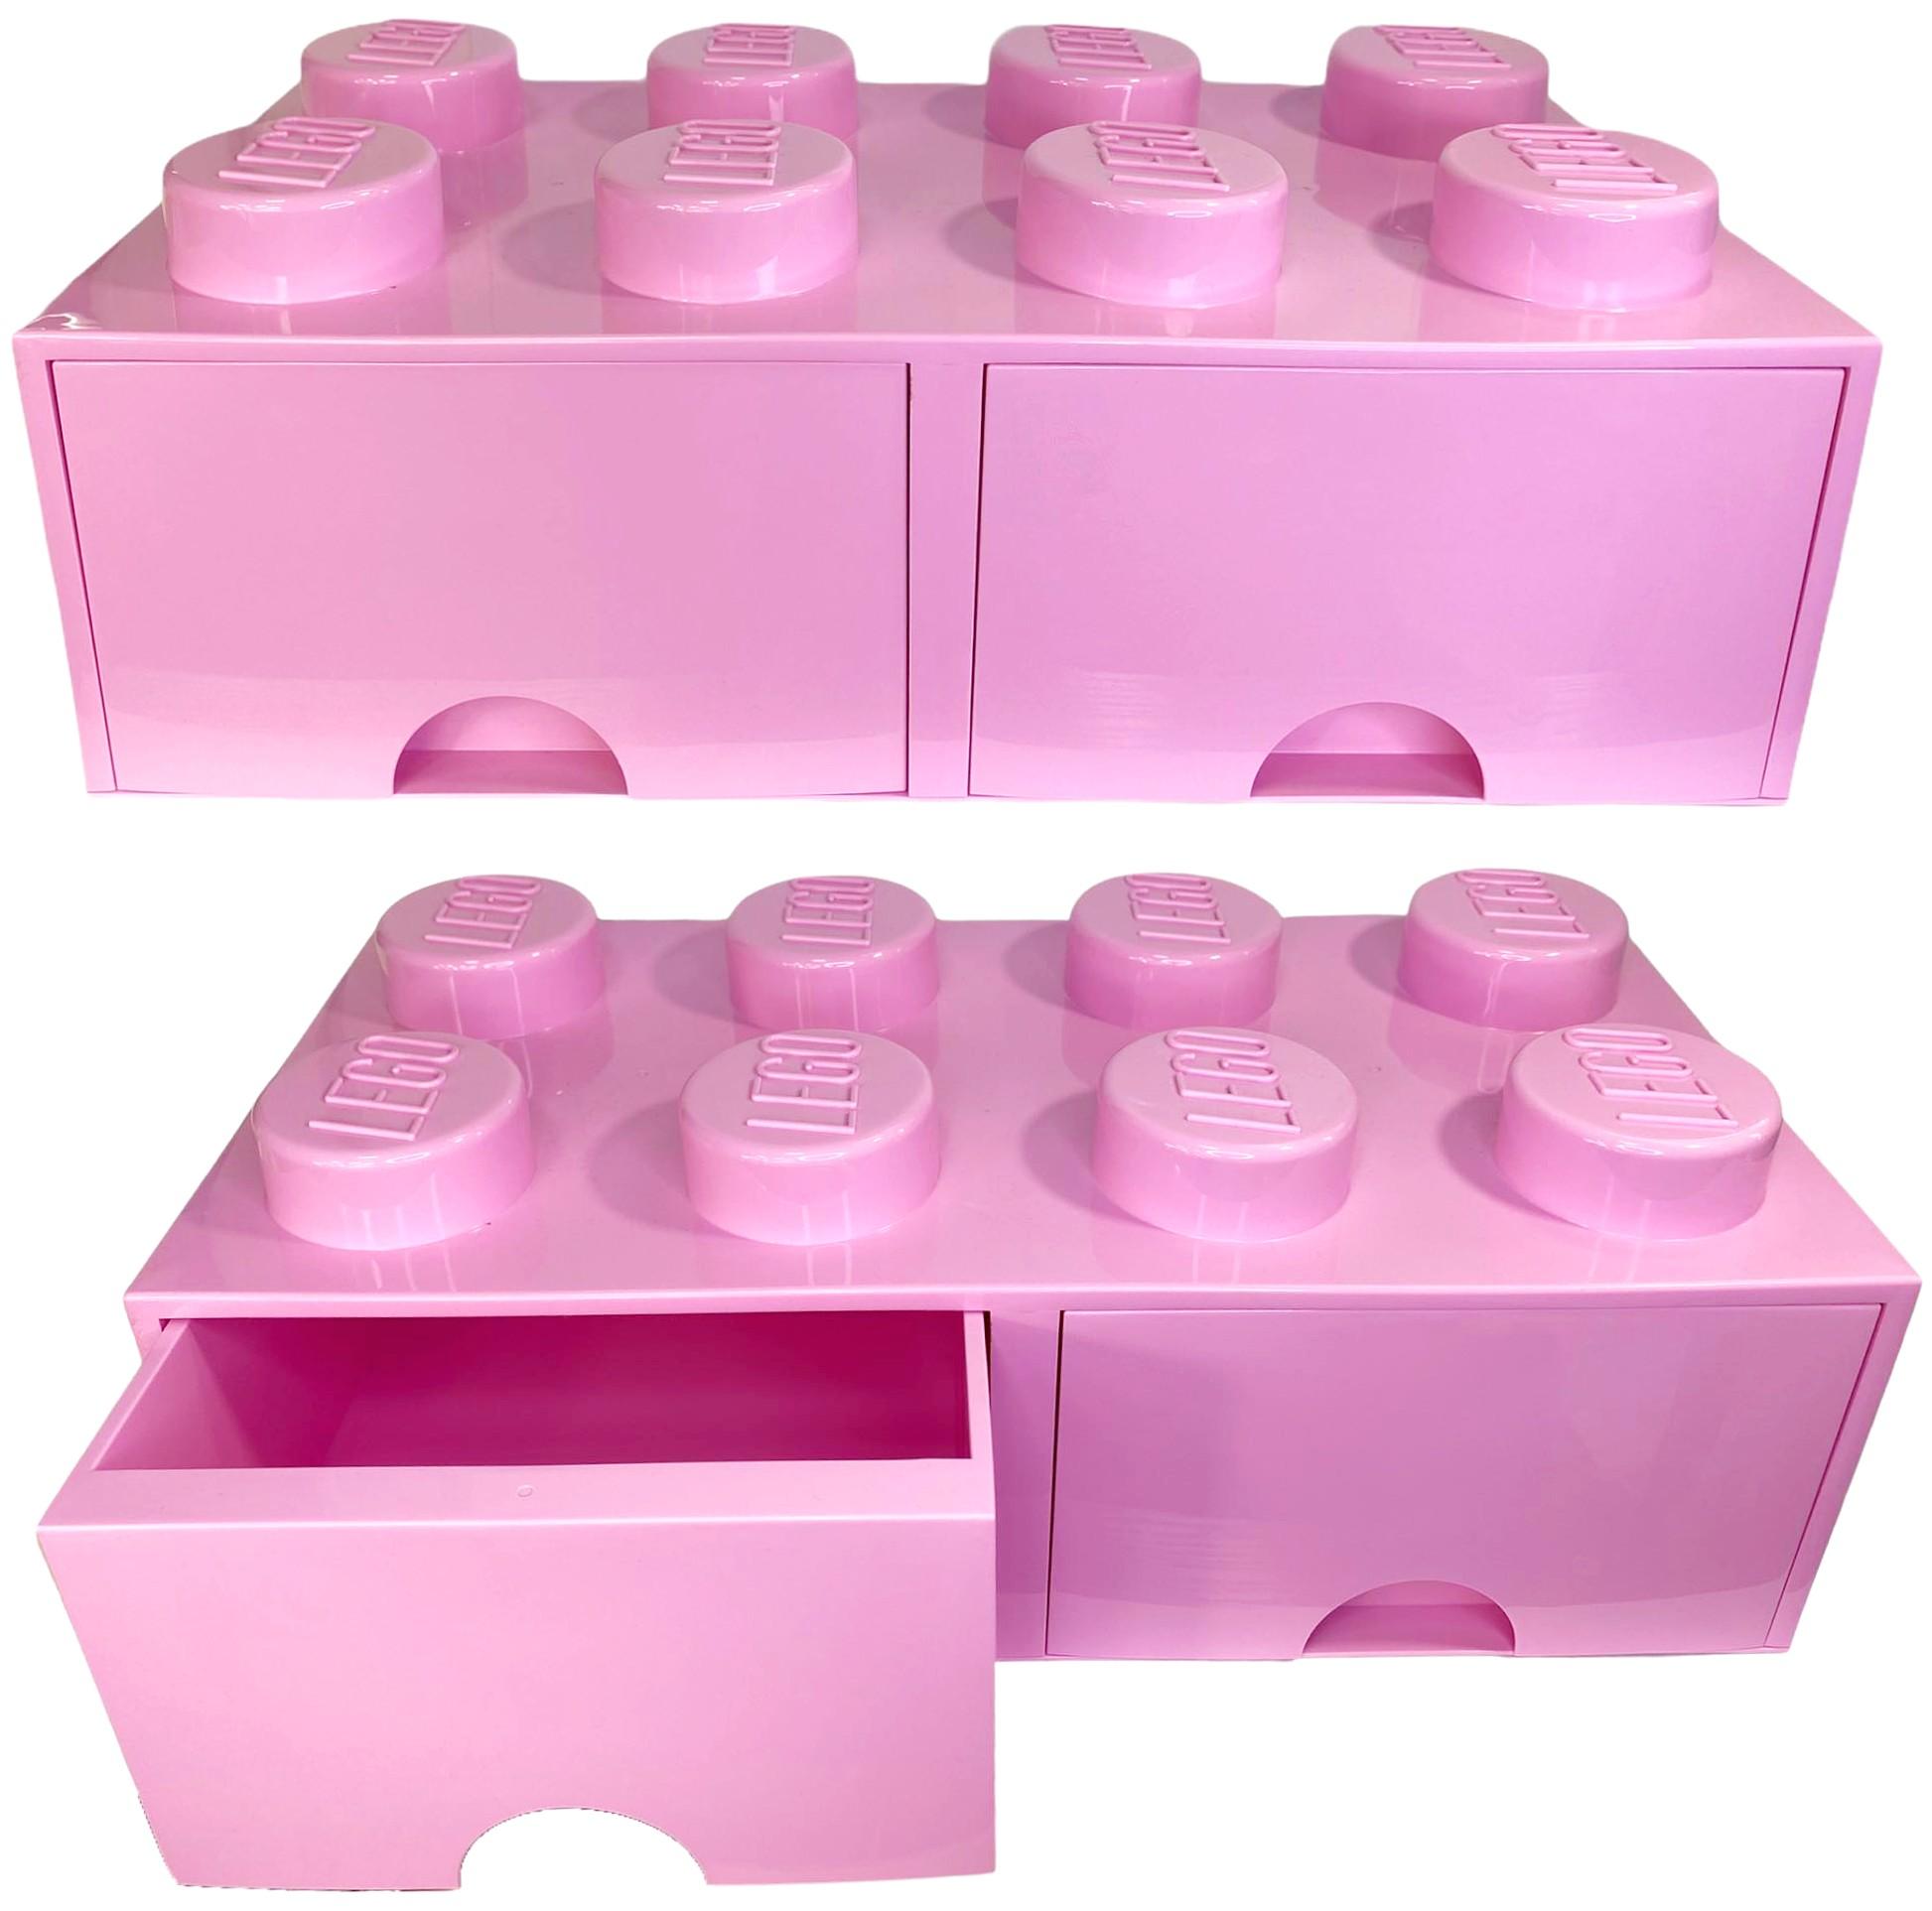 POJEMNIK LEGO 8 szuflada jasnoróżowy na klocki prezent